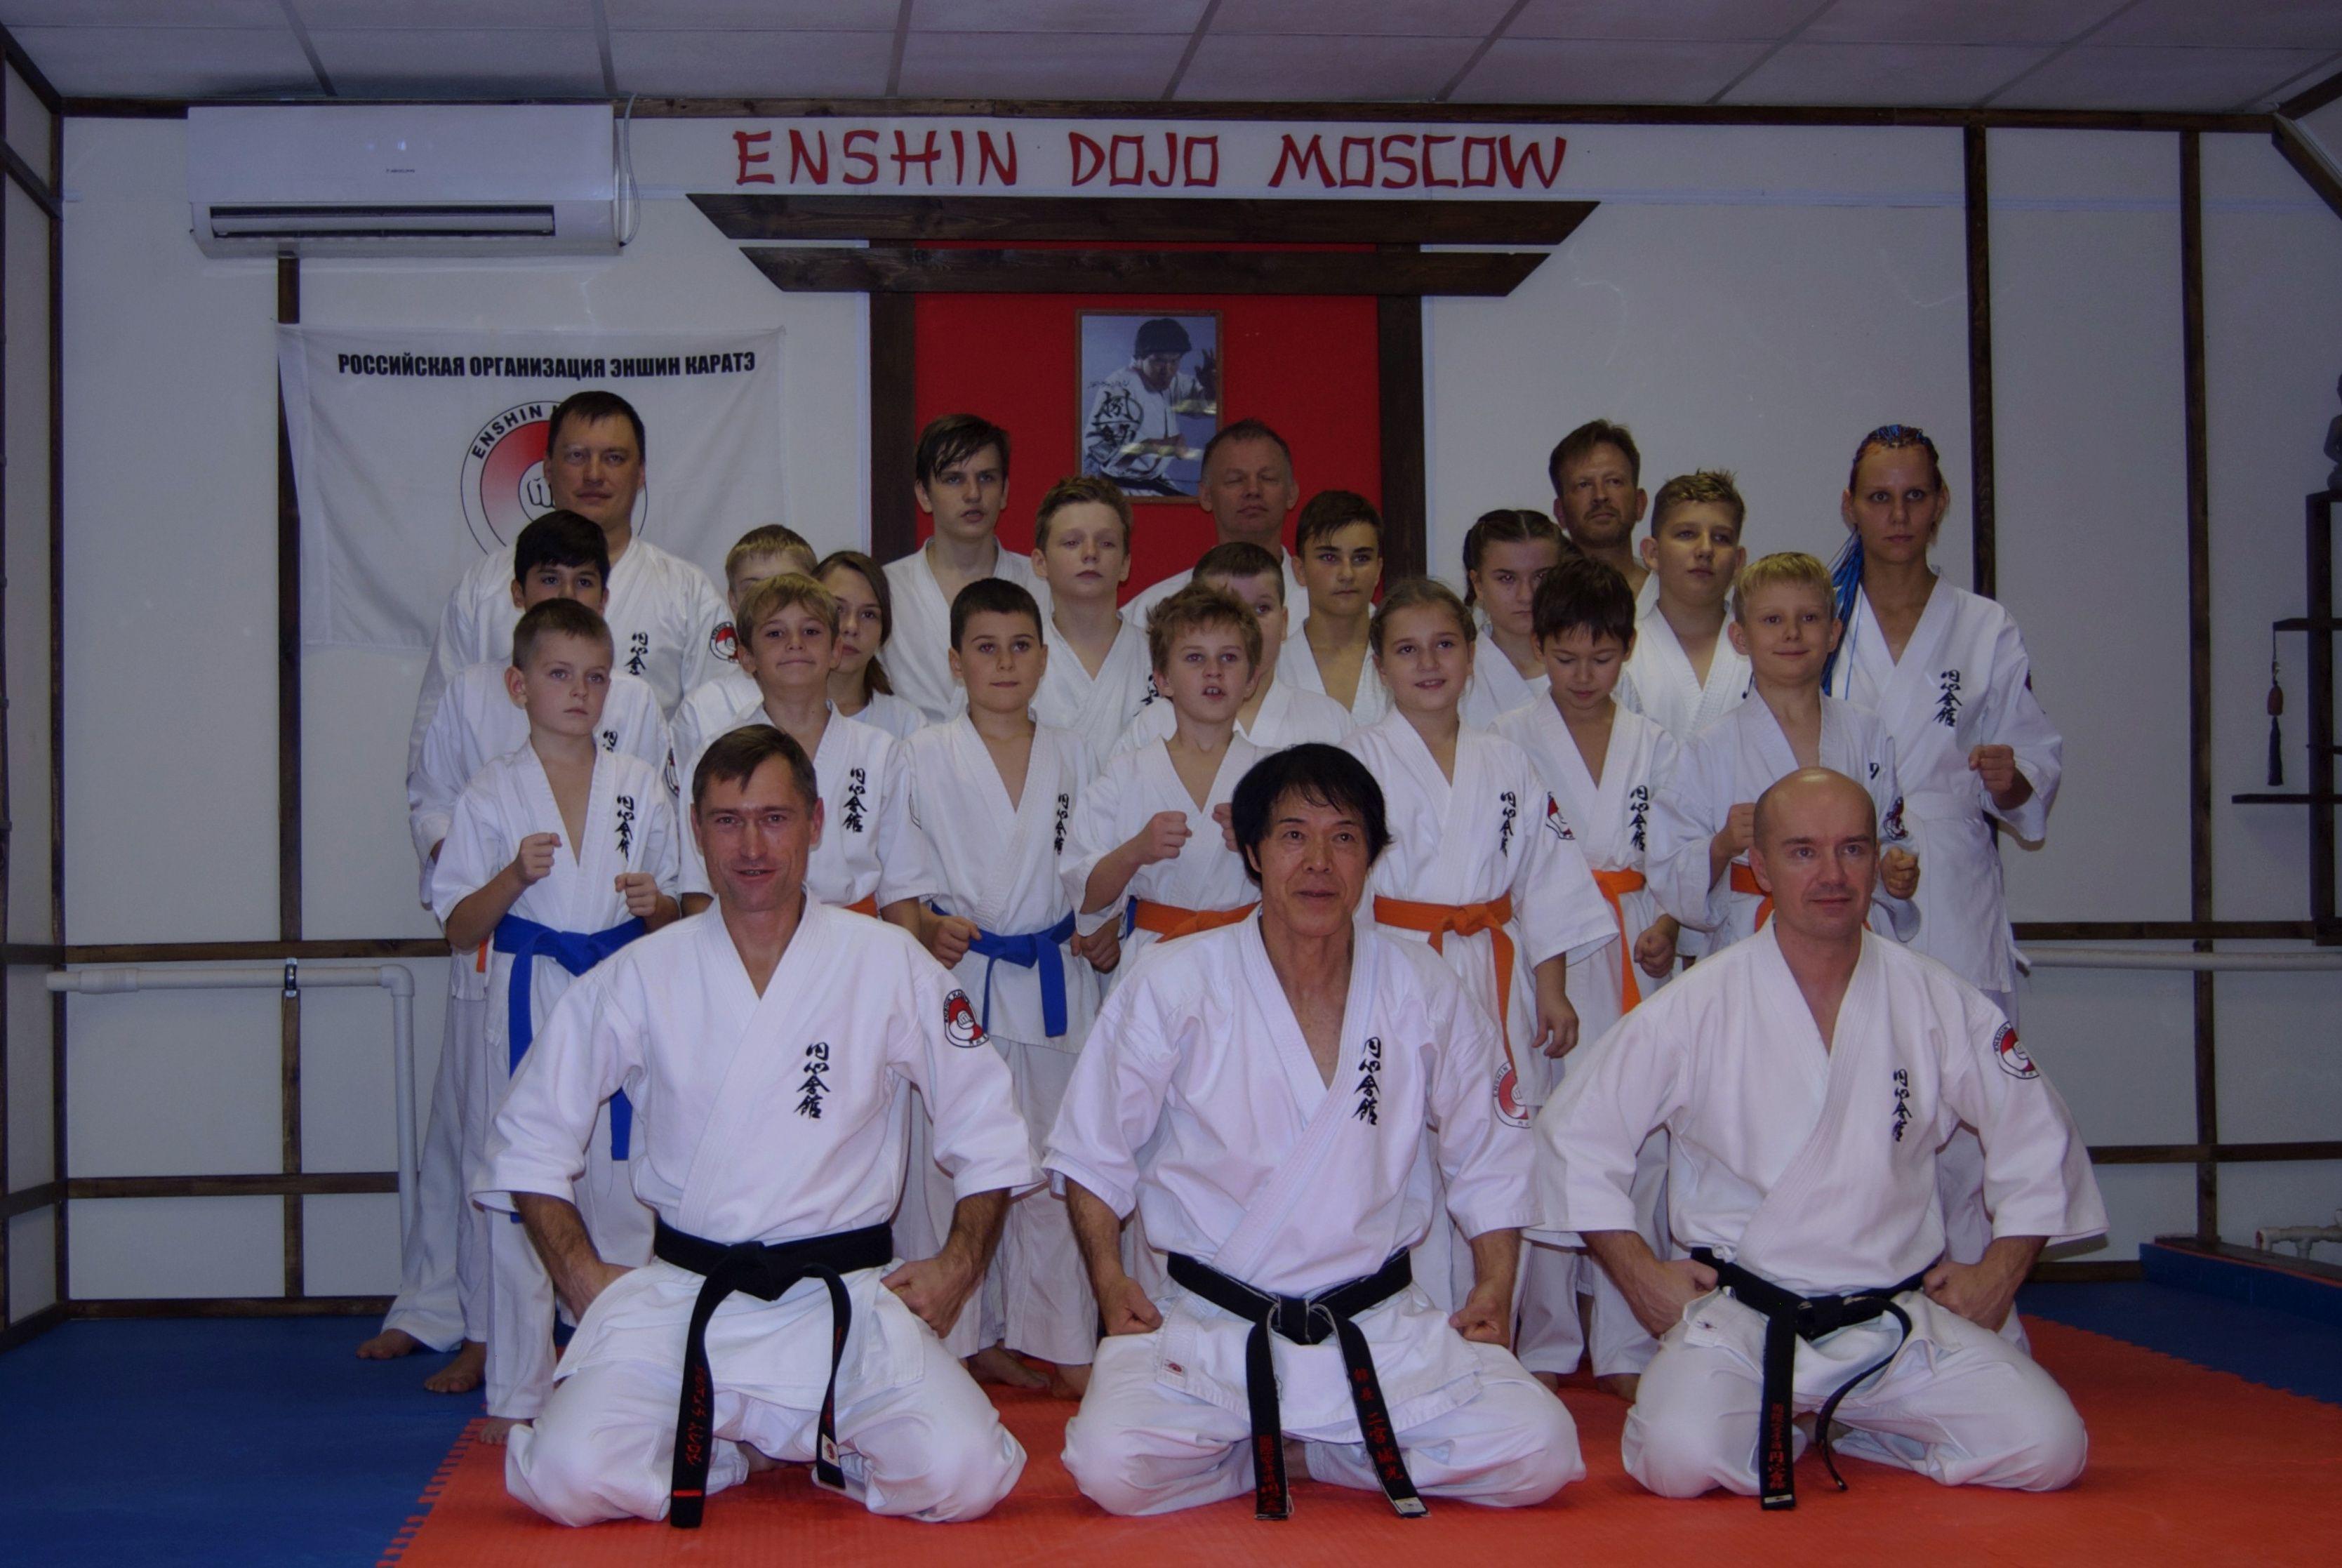 Первый ряд, слева направо: Владимир Петров, Канчо Йоко Ниномия, Антон Бодягин. Фото: Никита Нестеров